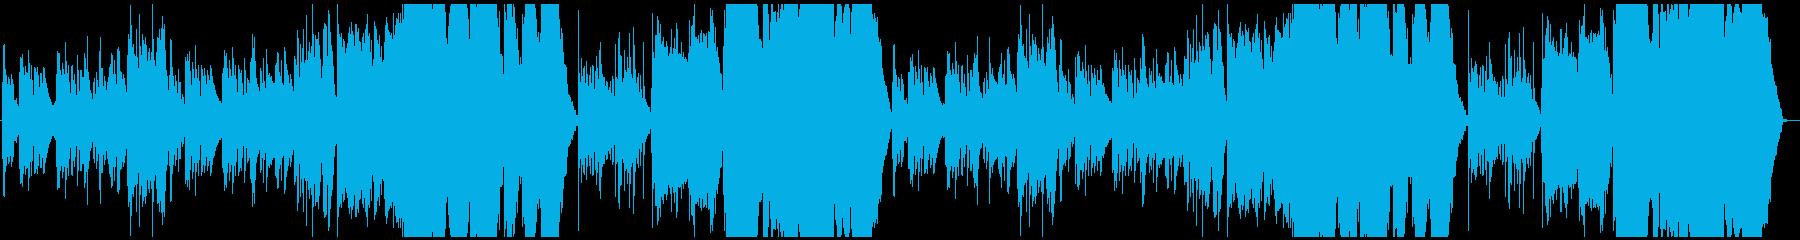 ピアノ&弦の幻想的なワルツの再生済みの波形